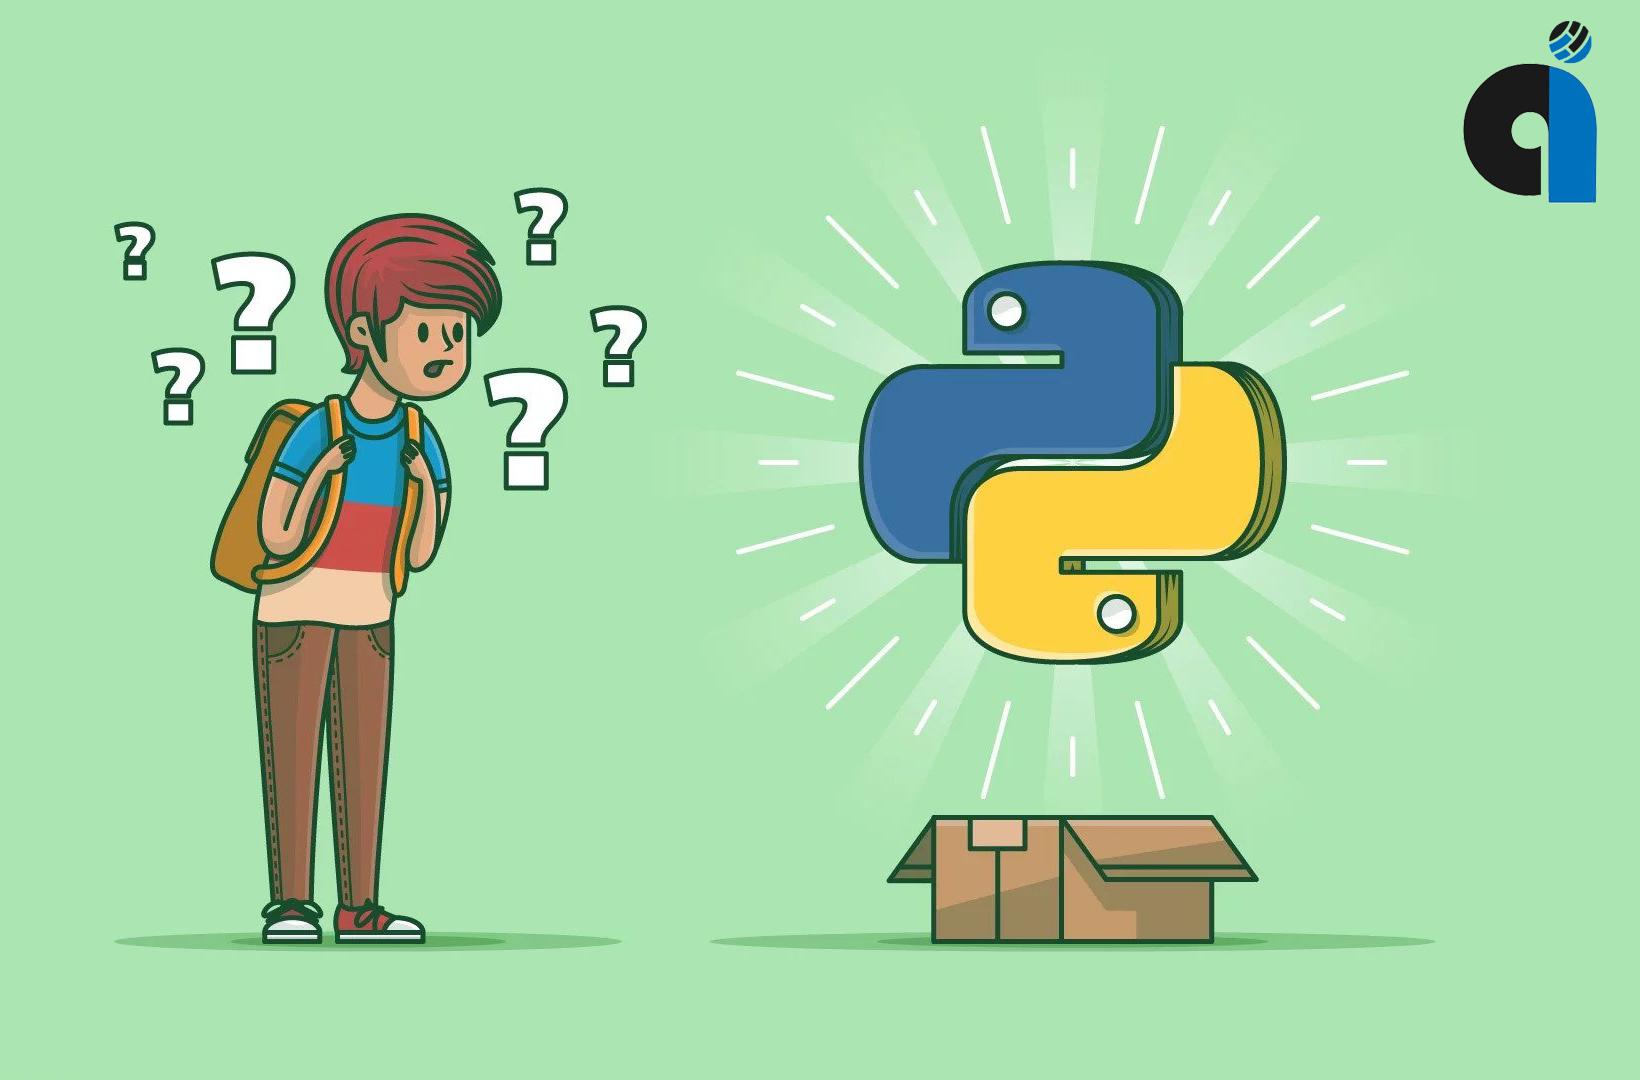 پایتون کلید ورود به دنیای هوش مصنوعی! (قسمت هفتم: کامنت و داکیومنت)